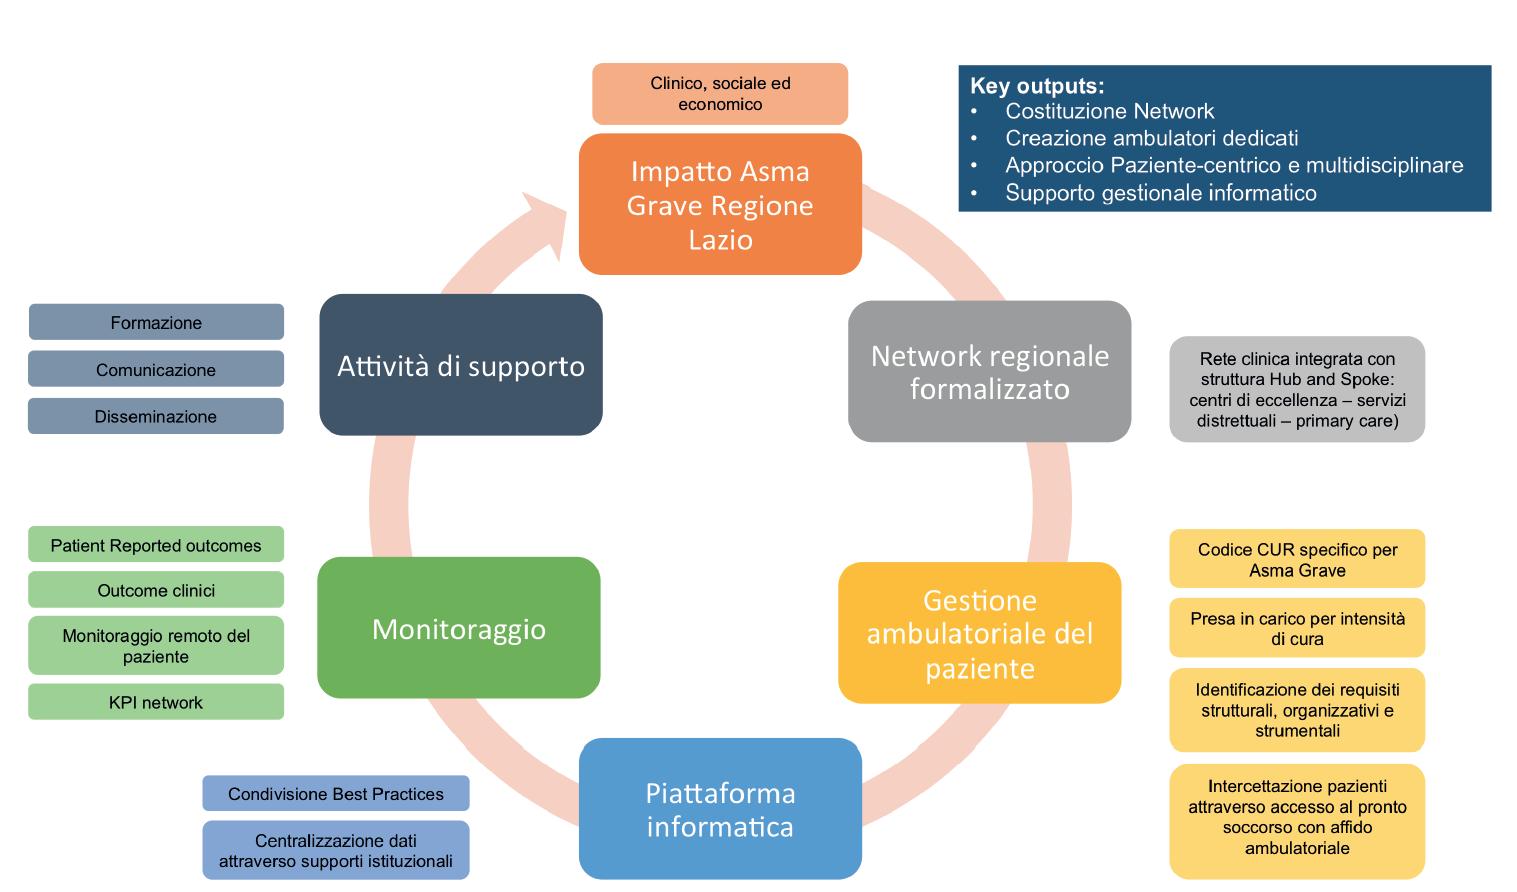 Figura 3. Sintesi dei processi e delle infrastrutture necessari per implementare un percorso di presa in carico e di gestione del paziente con Asma Grave